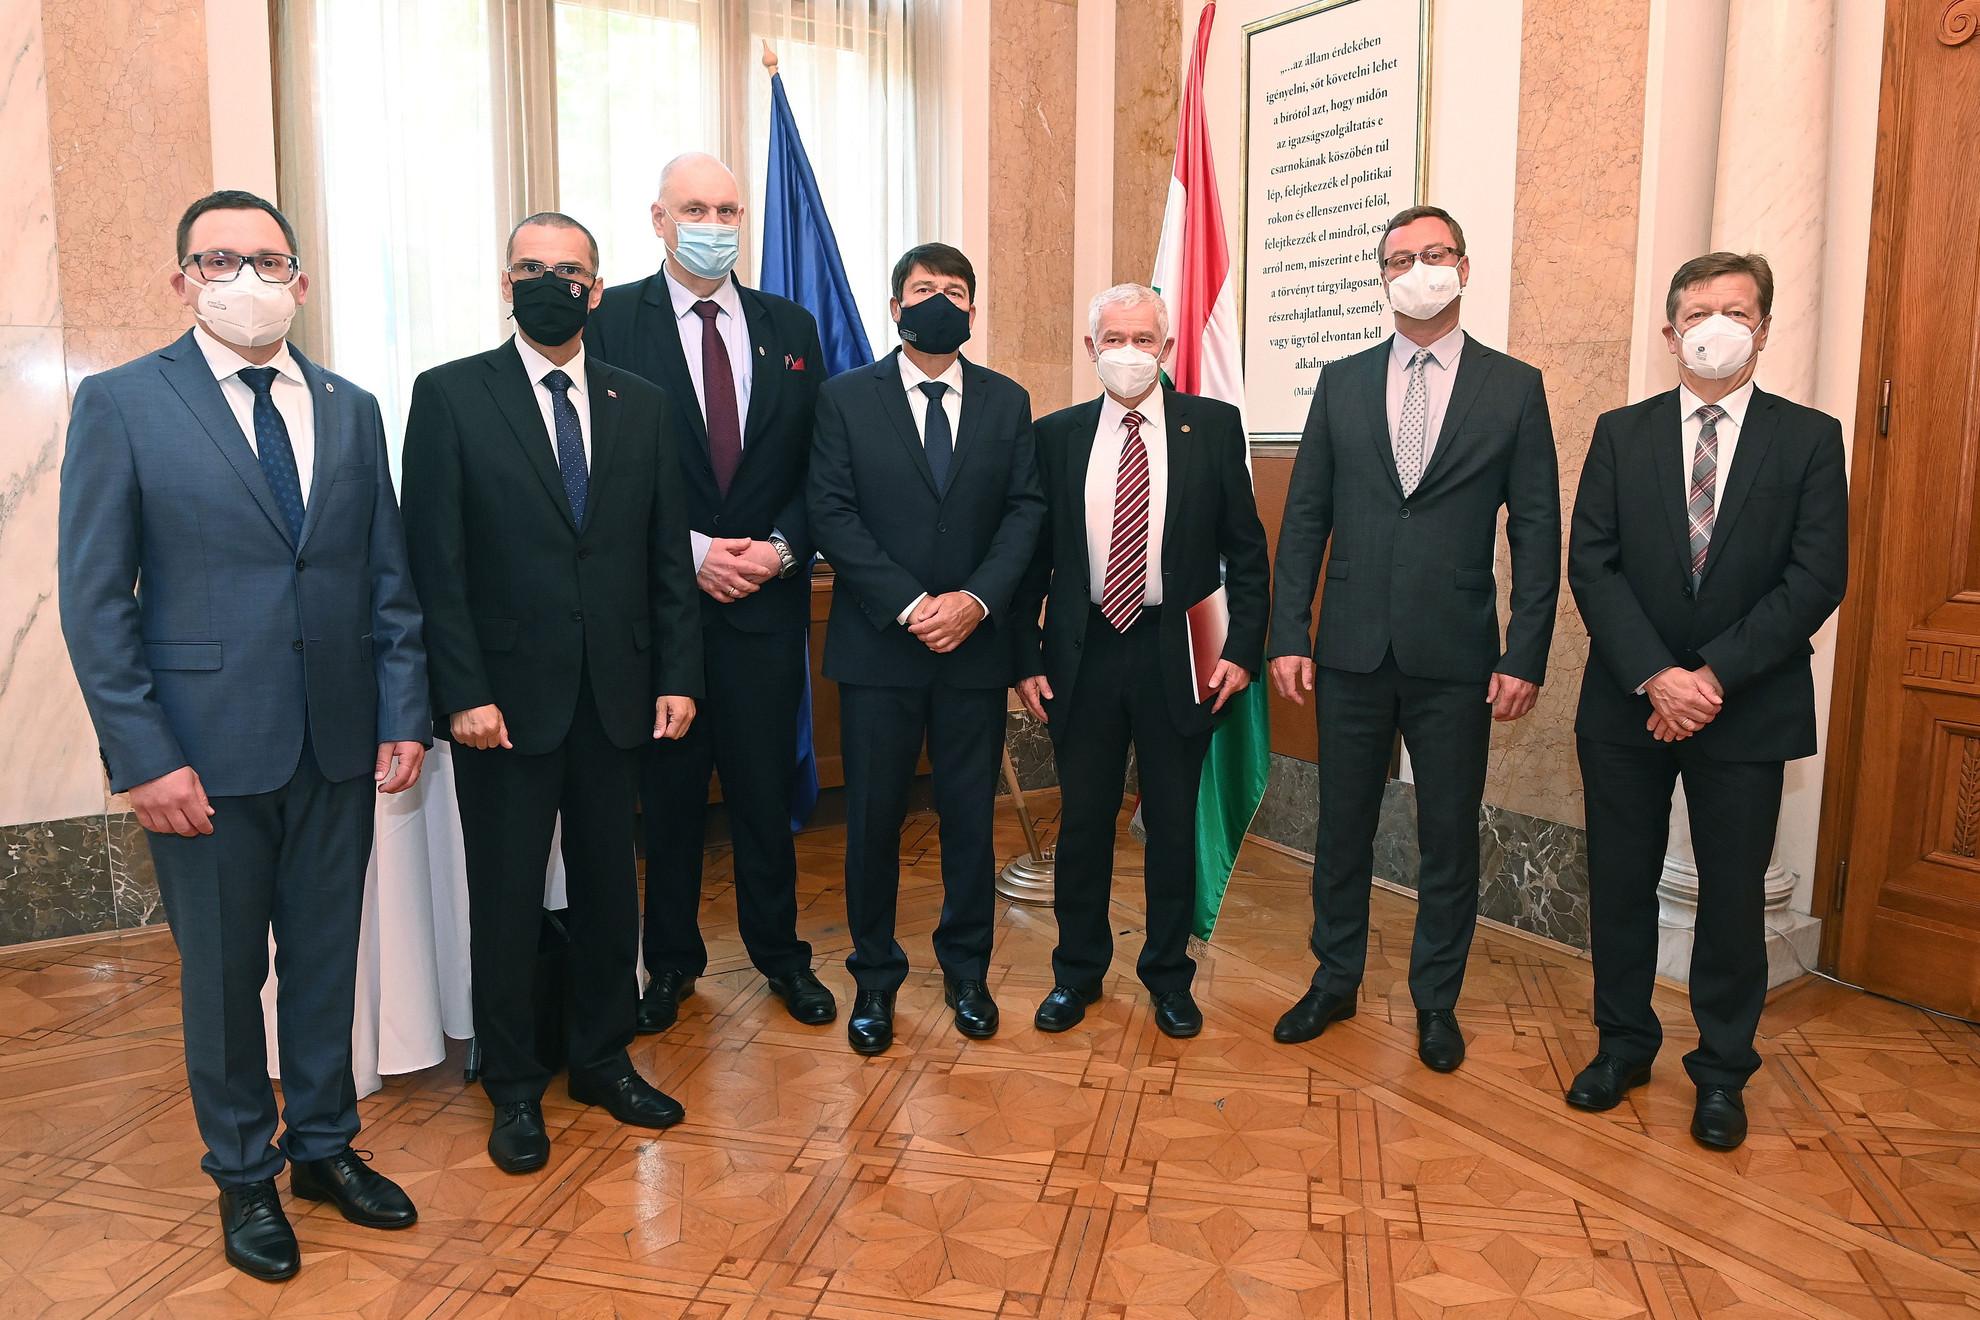 Áder János köztársasági elnök (k) és Polt Péter legfőbb ügyész (j3), valamint Ladislav Hamran, az Eurojust elnöke (b), Maros Zilinka szlovák legfőbb ügyész (b2), Bogdan Swieczkowski lengyel legfőbb ügyész (b3), Pavel Zeman cseh legfőbb ügyész (j2) és  Franz Plöchl osztrák legfőbb ügyész (j) a magyar ügyészi szervezet fennállásának, az első ügyészi törvénynek a 150. évfordulója alkalmából rendezett budapesti nemzetközi konferencián